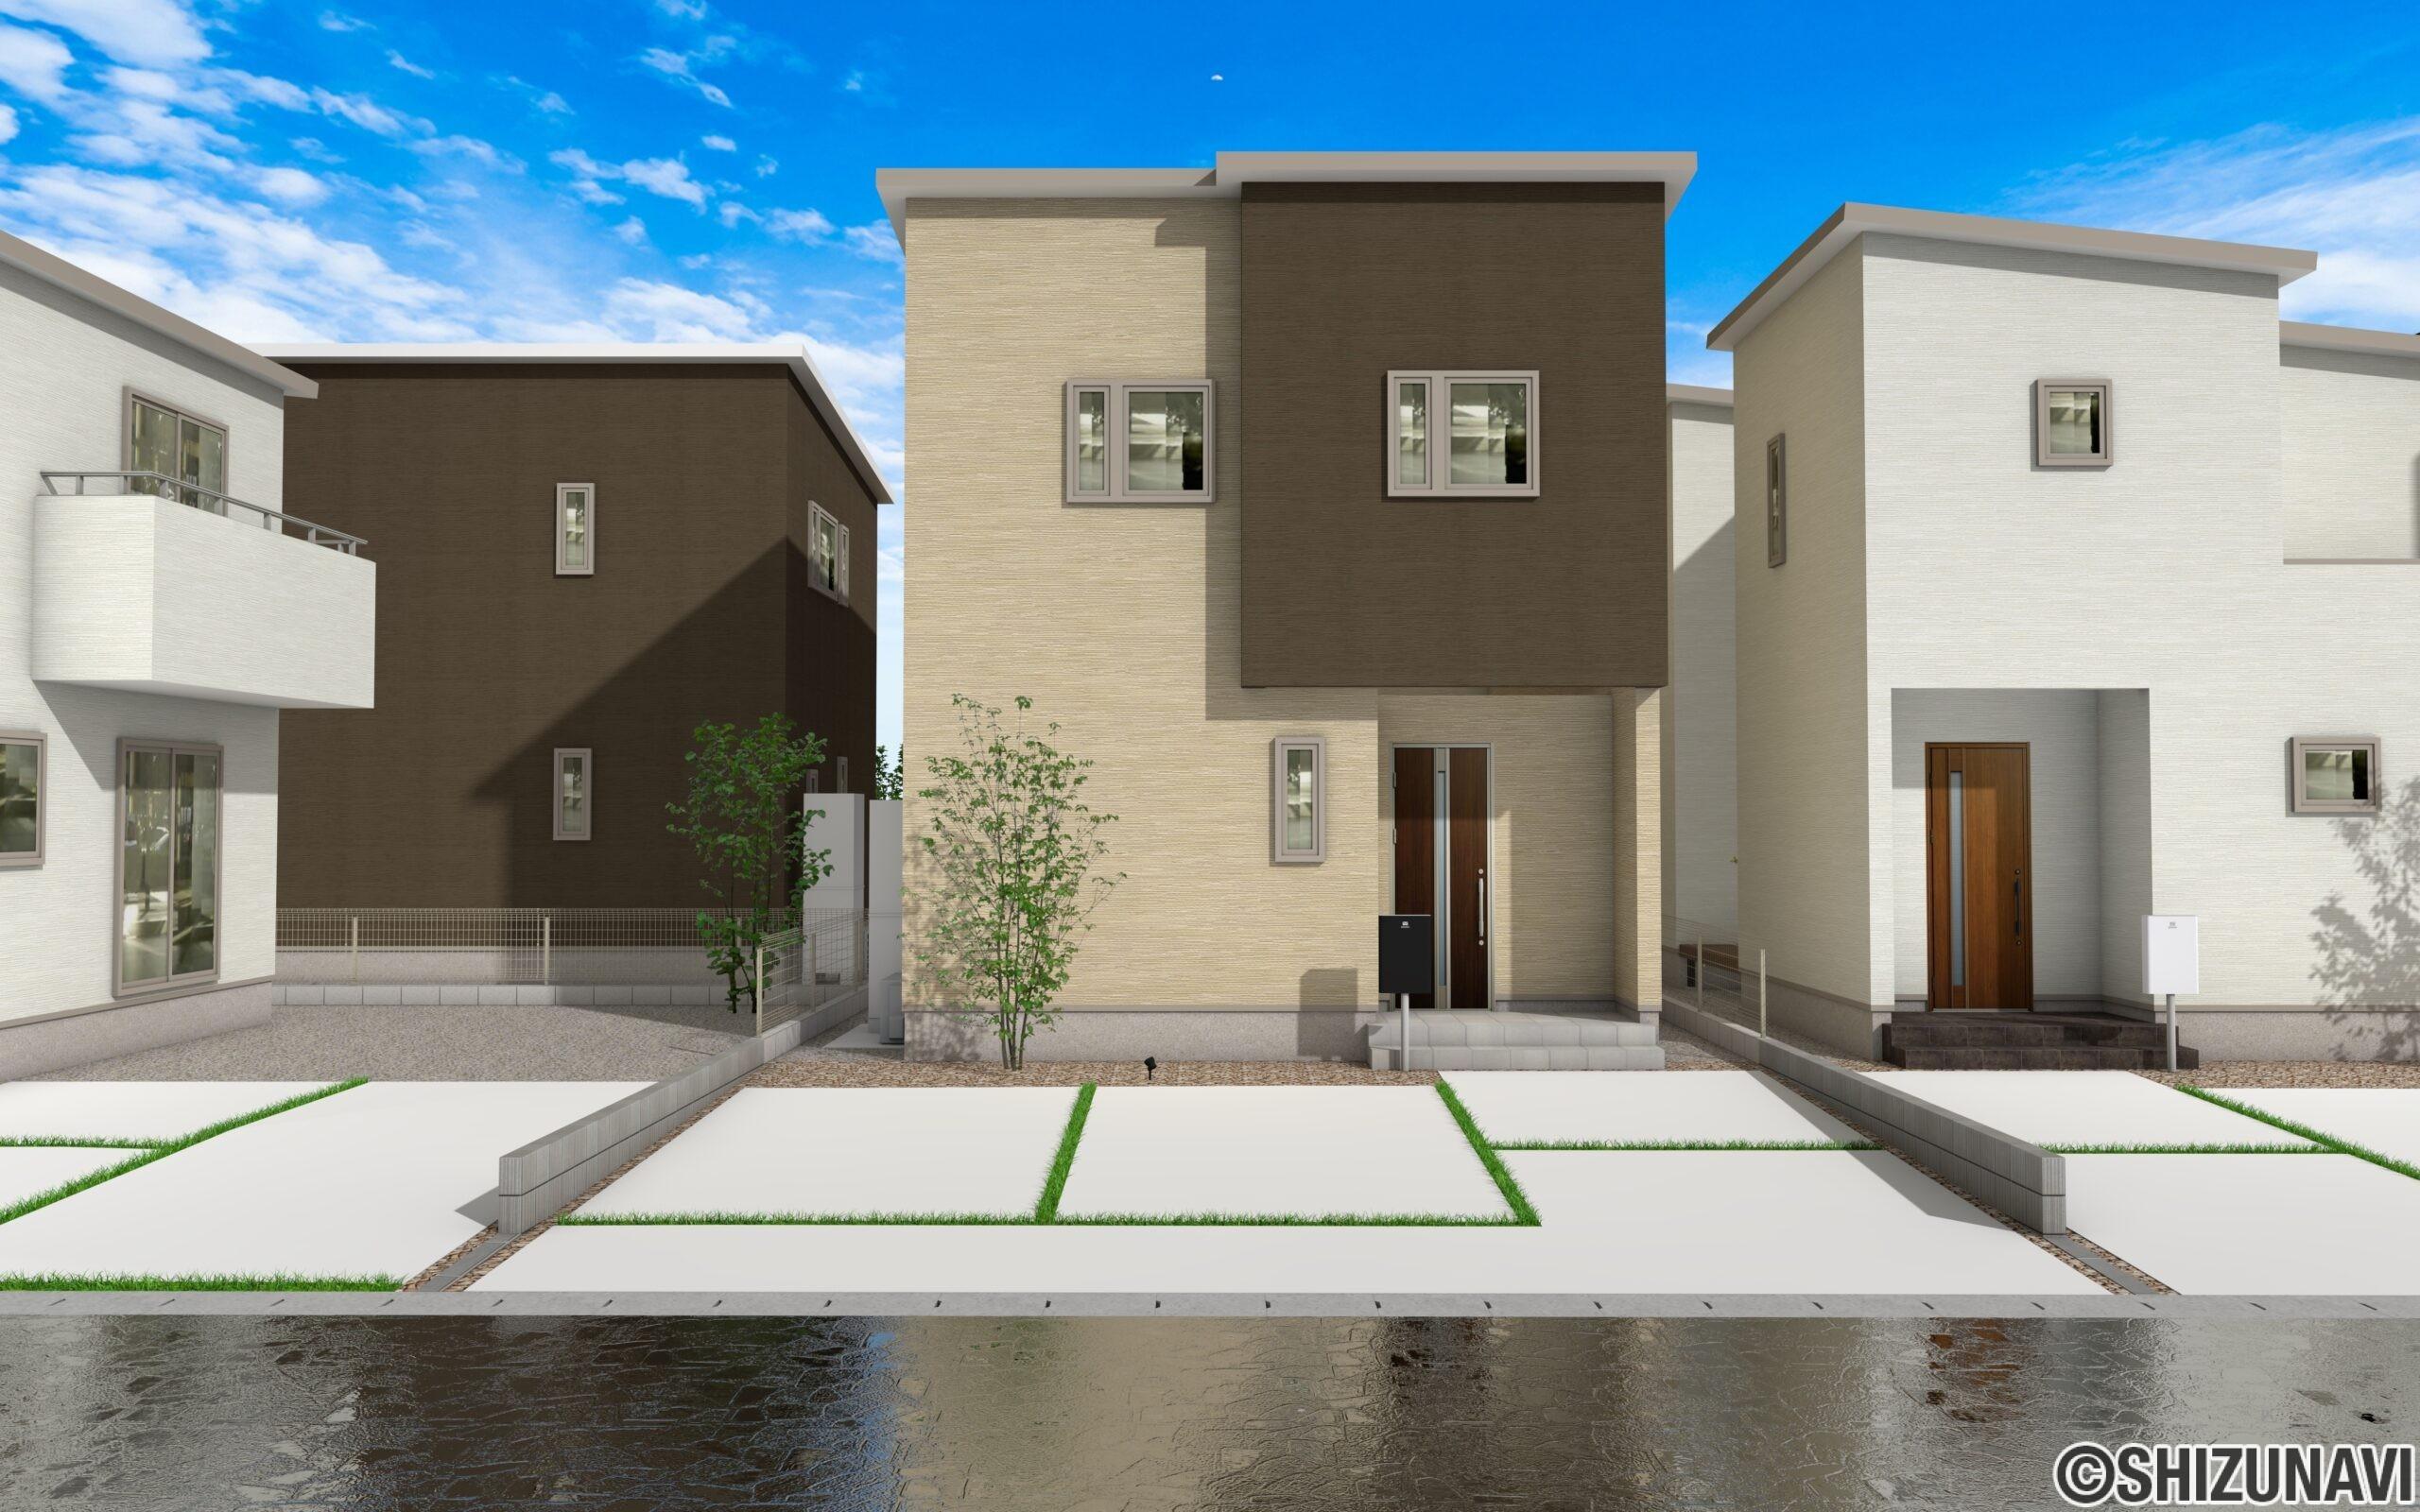 【長期優良認定住宅】浜松市中区高丘西1丁目【D棟】耐震等級3 アルハウス